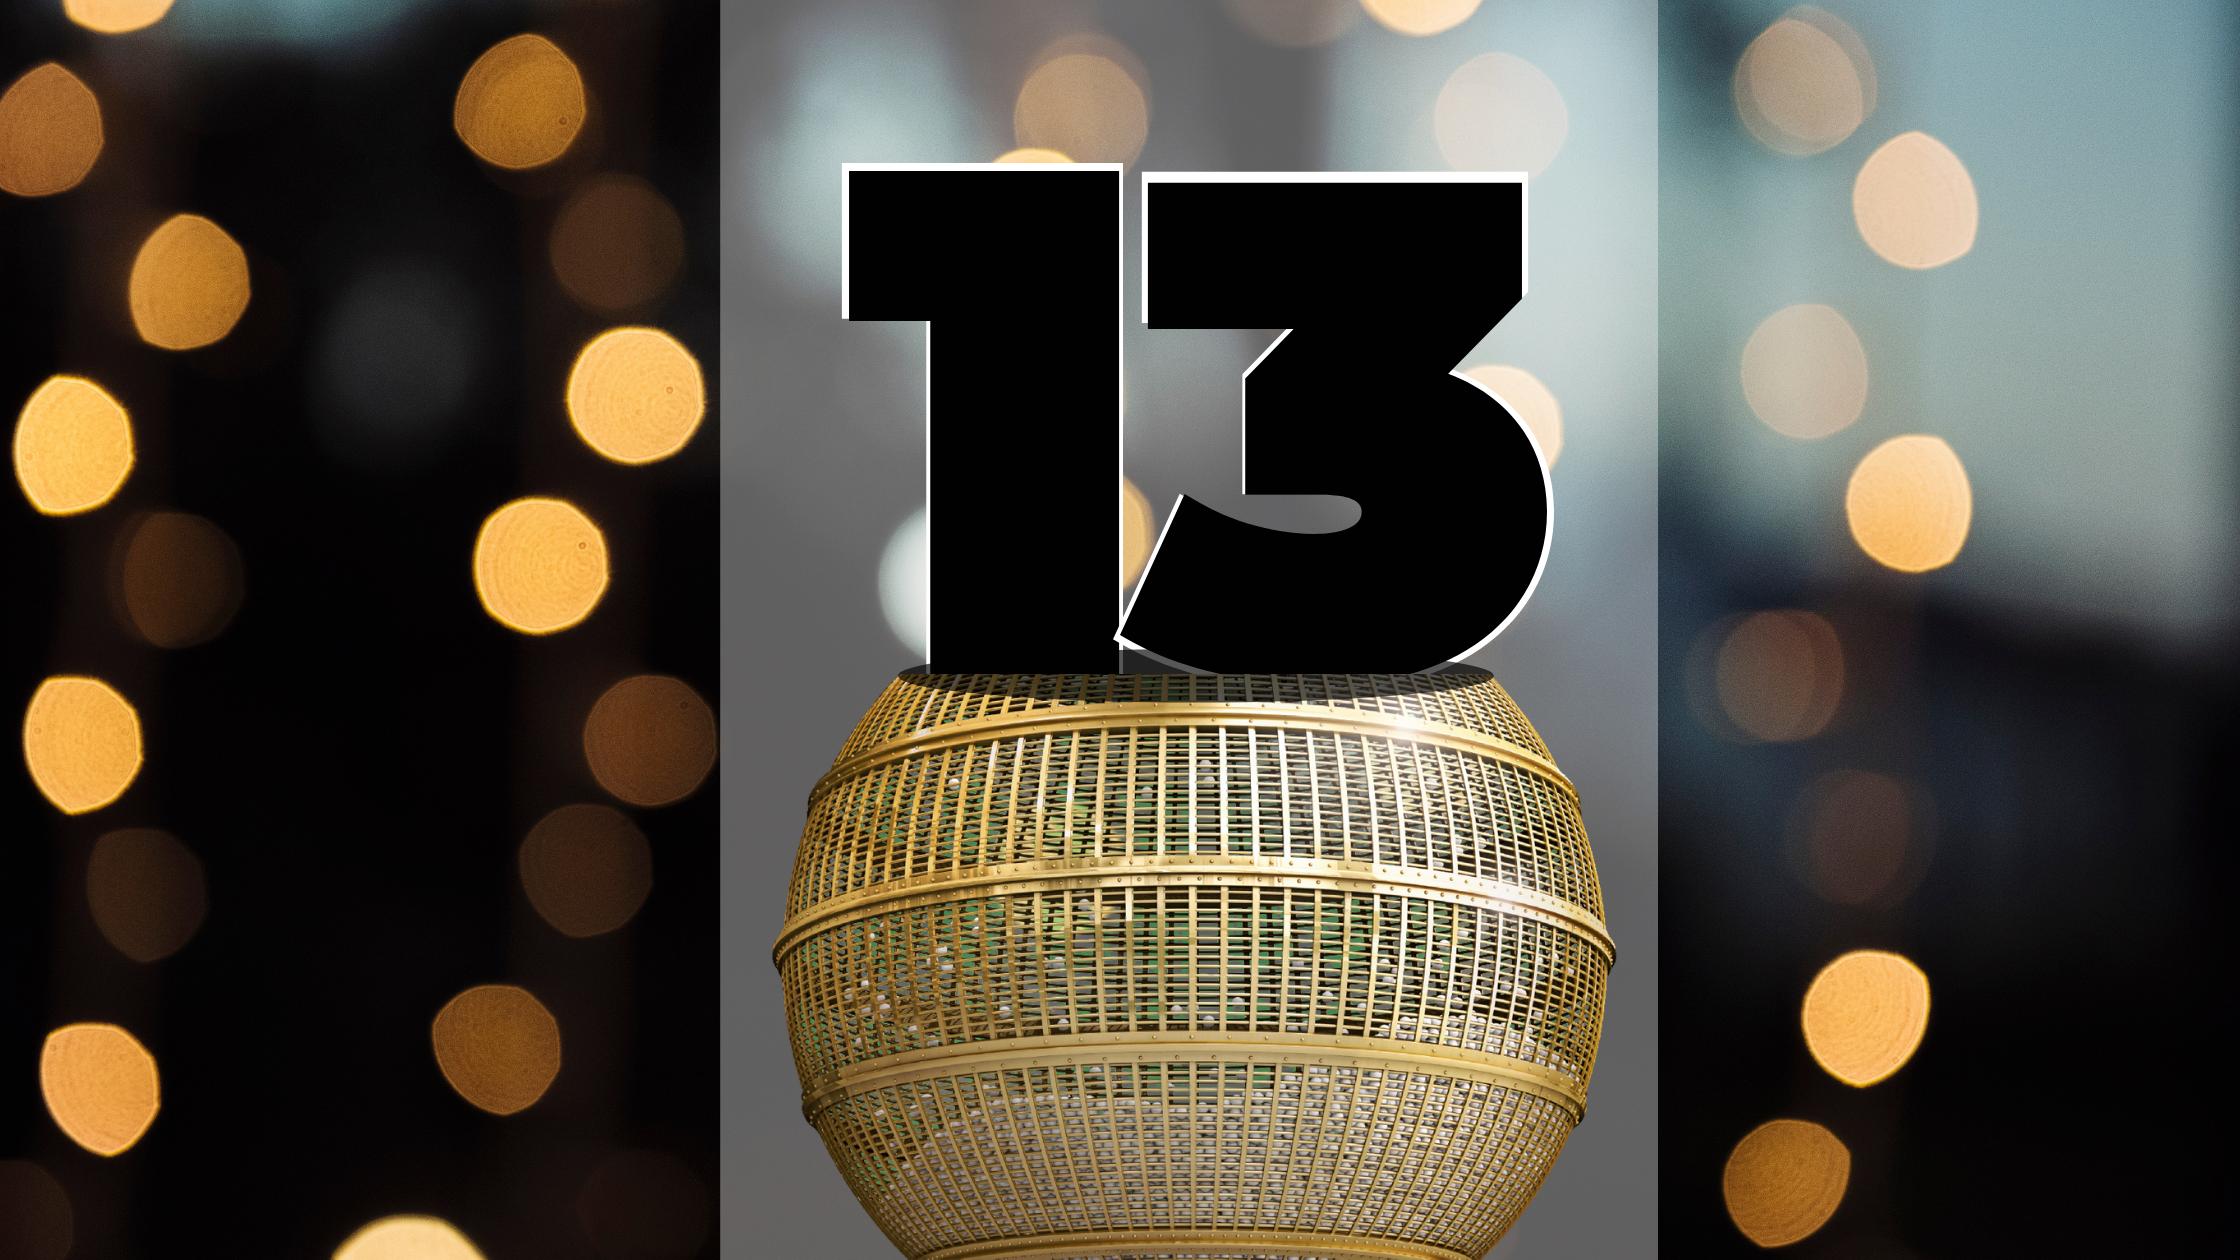 terminación 13-loteria-navidad-lotomagic